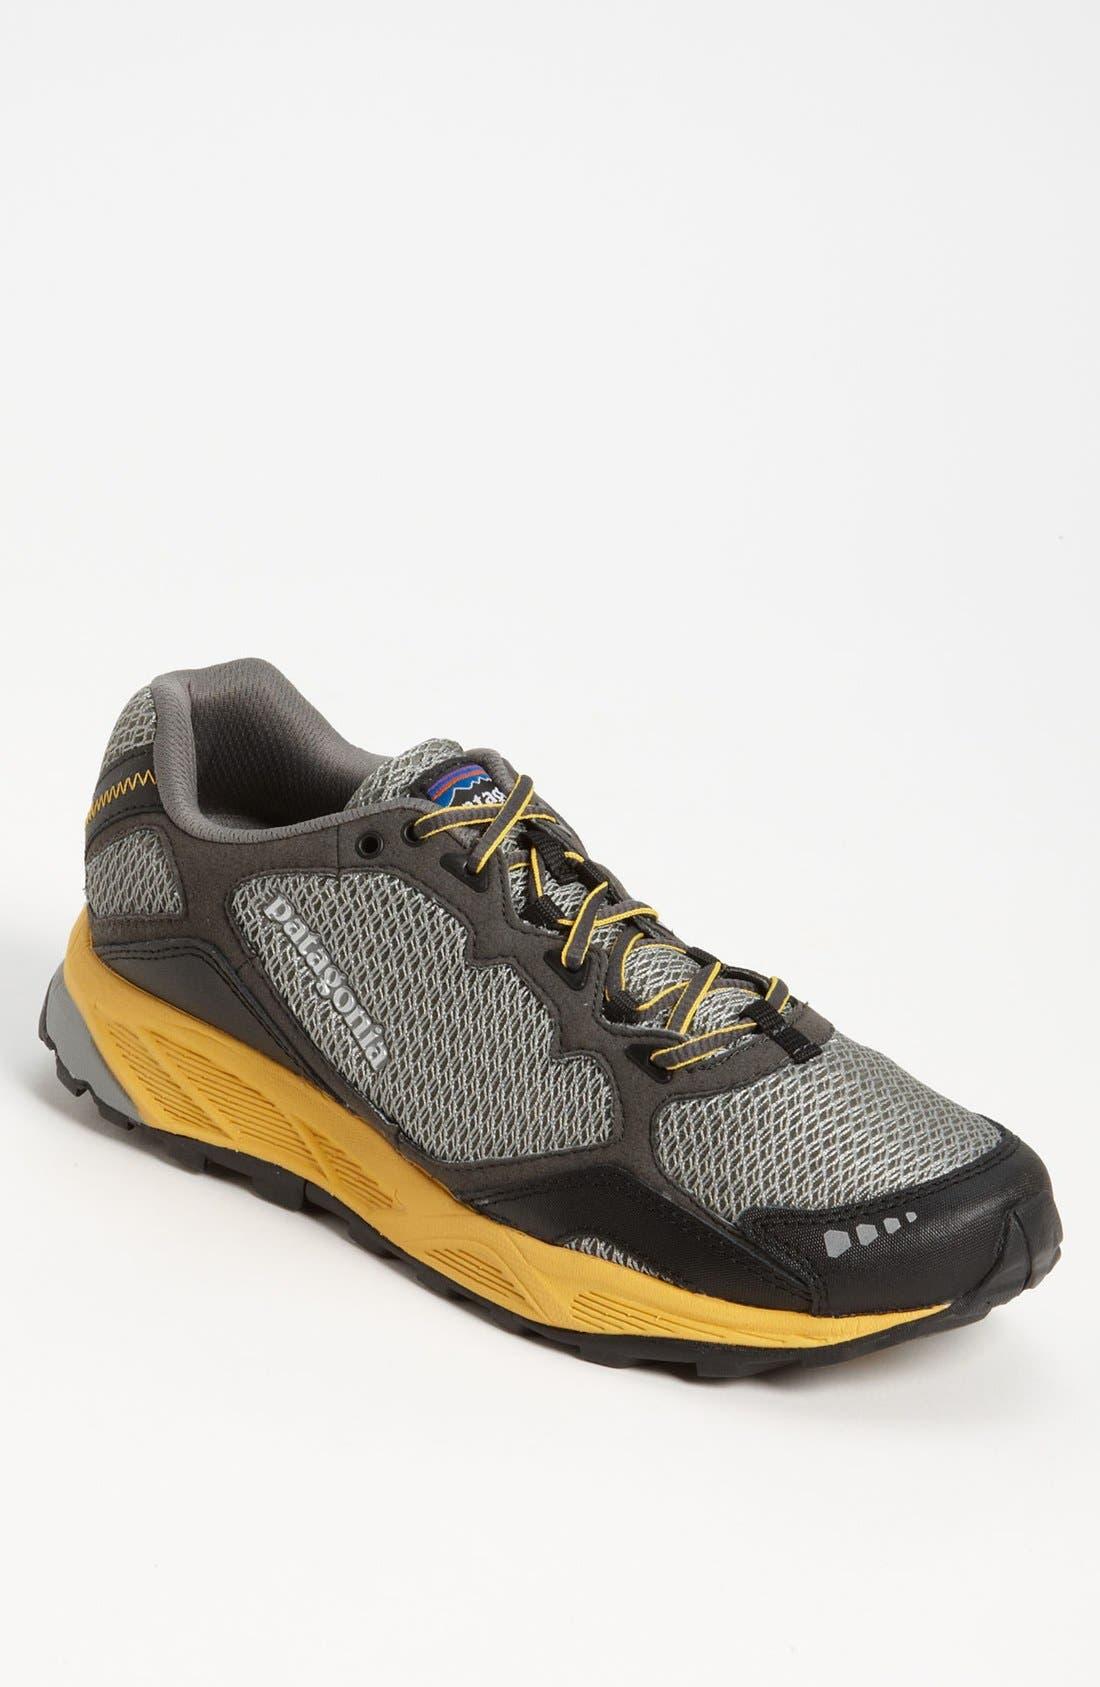 Main Image - Patagonia 'Gamut' Trail Running Shoe (Men)